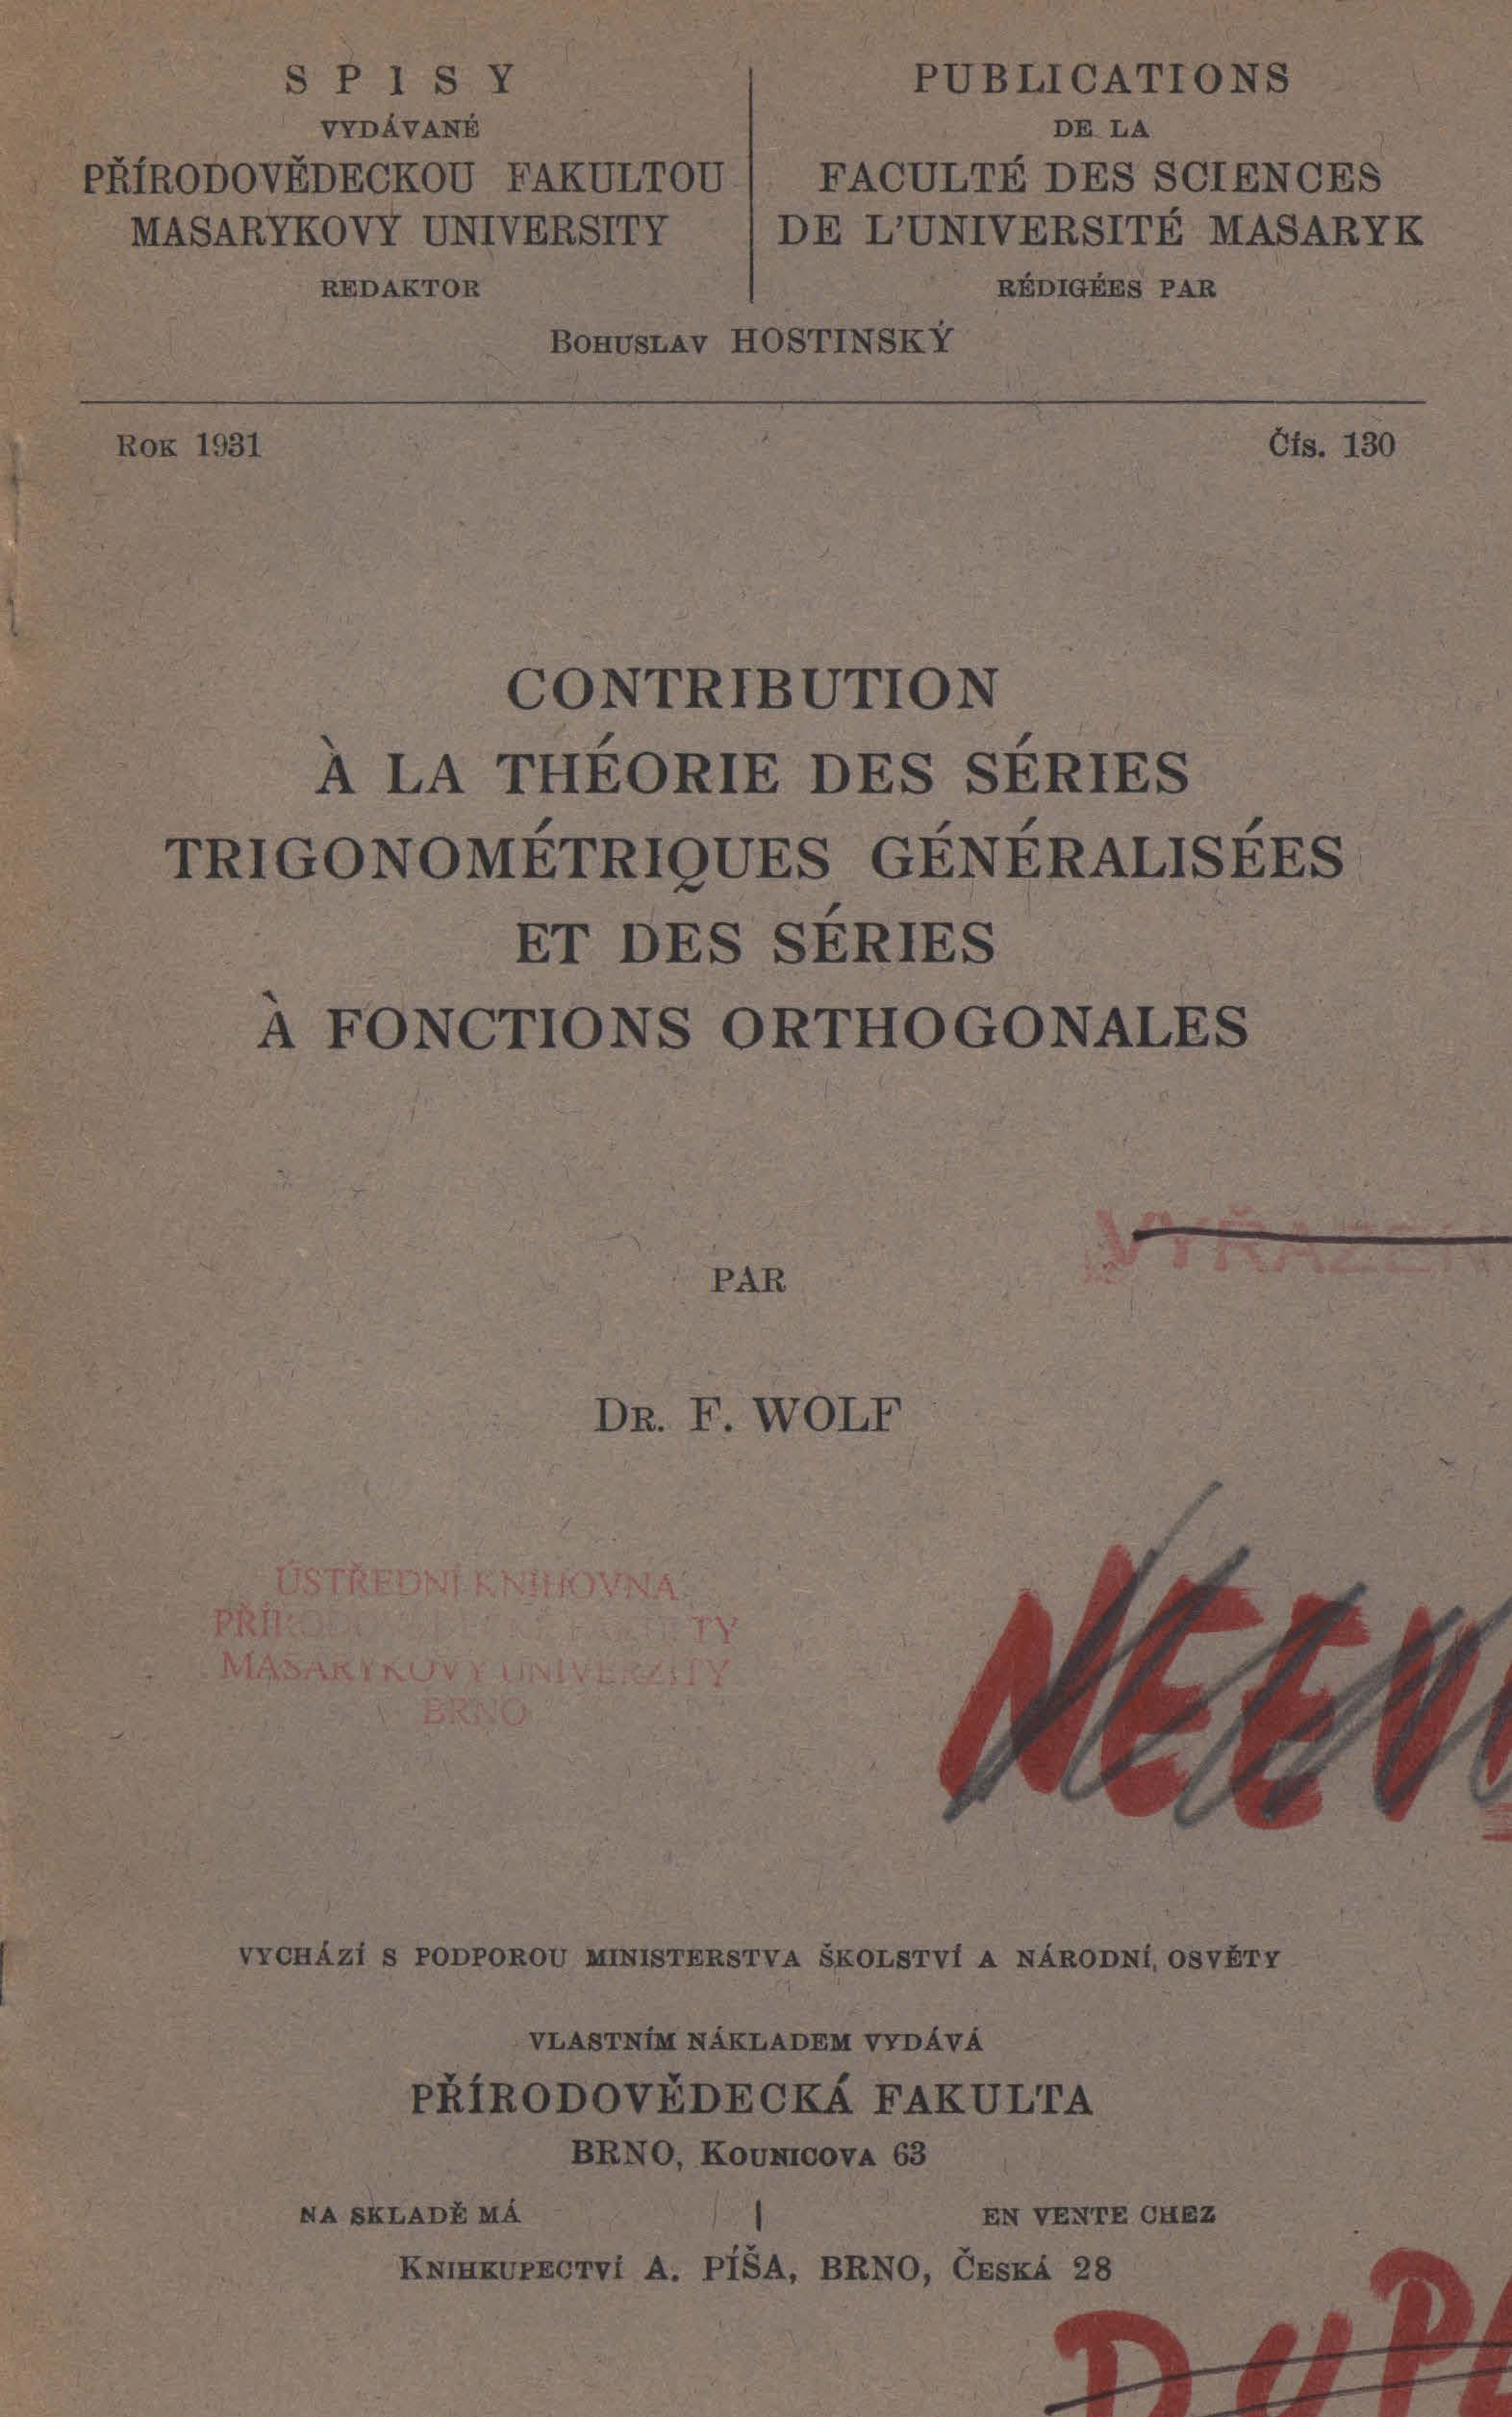 Obálka pro Contribution a la théorie des séries trigonométriques généralisées et des séries a fonctions orthogonales